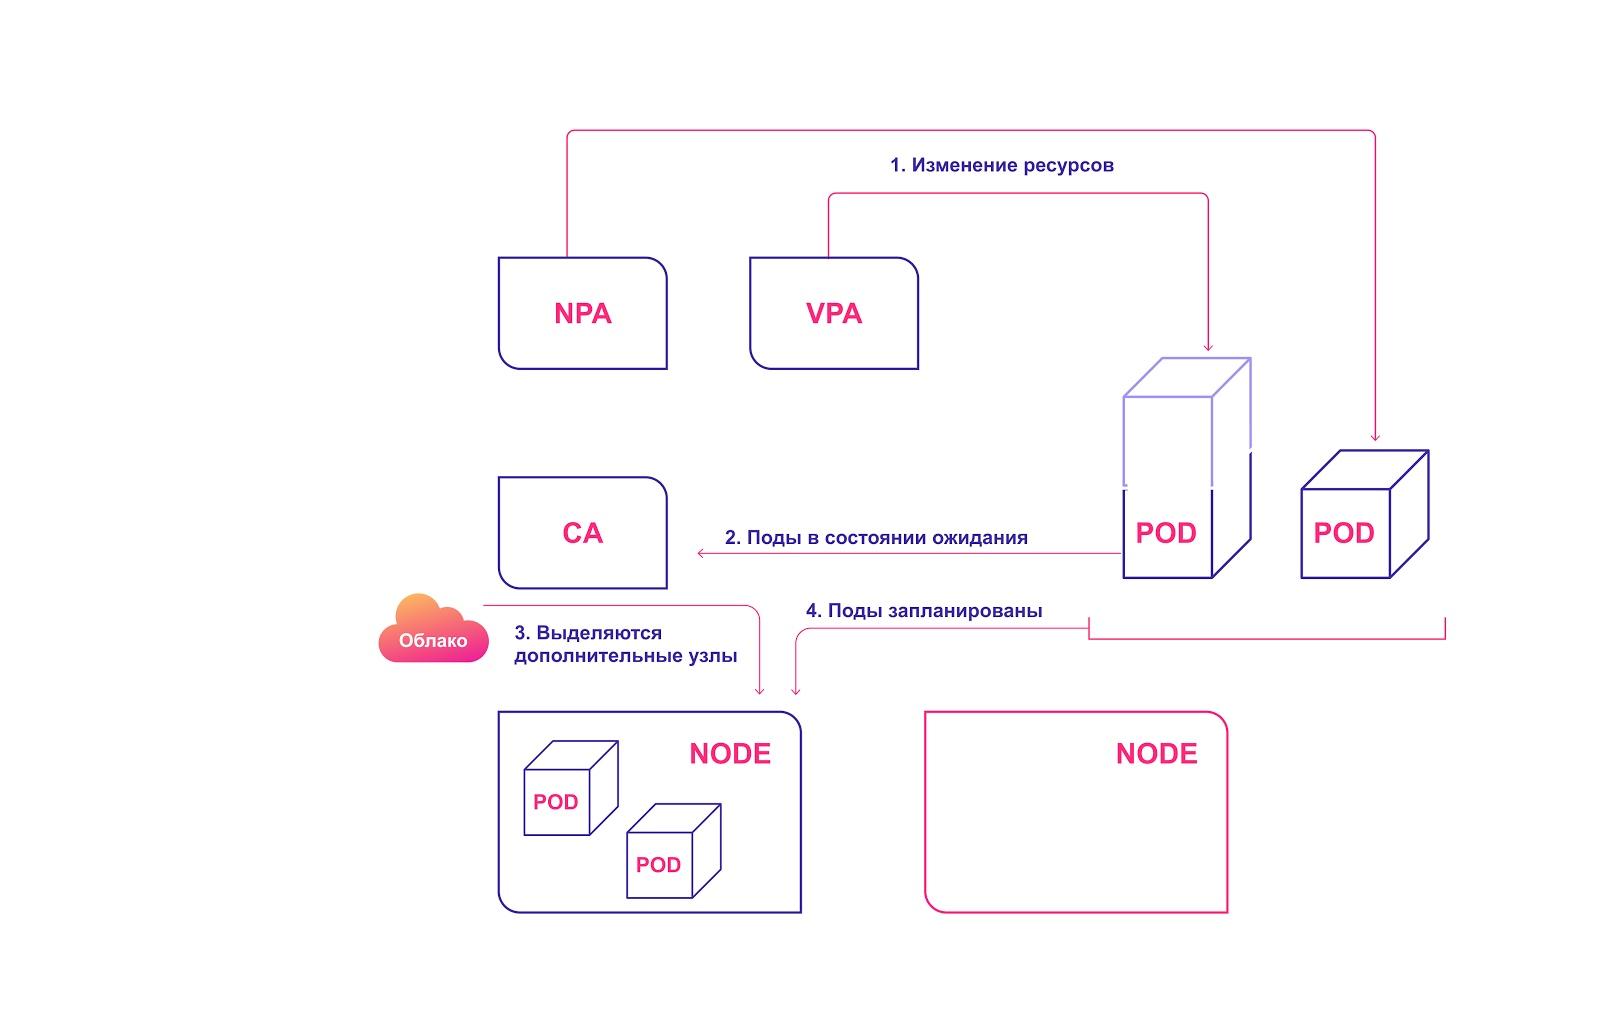 Три уровня автомасштабирования в Kubernetes: как их эффективно использовать - 5